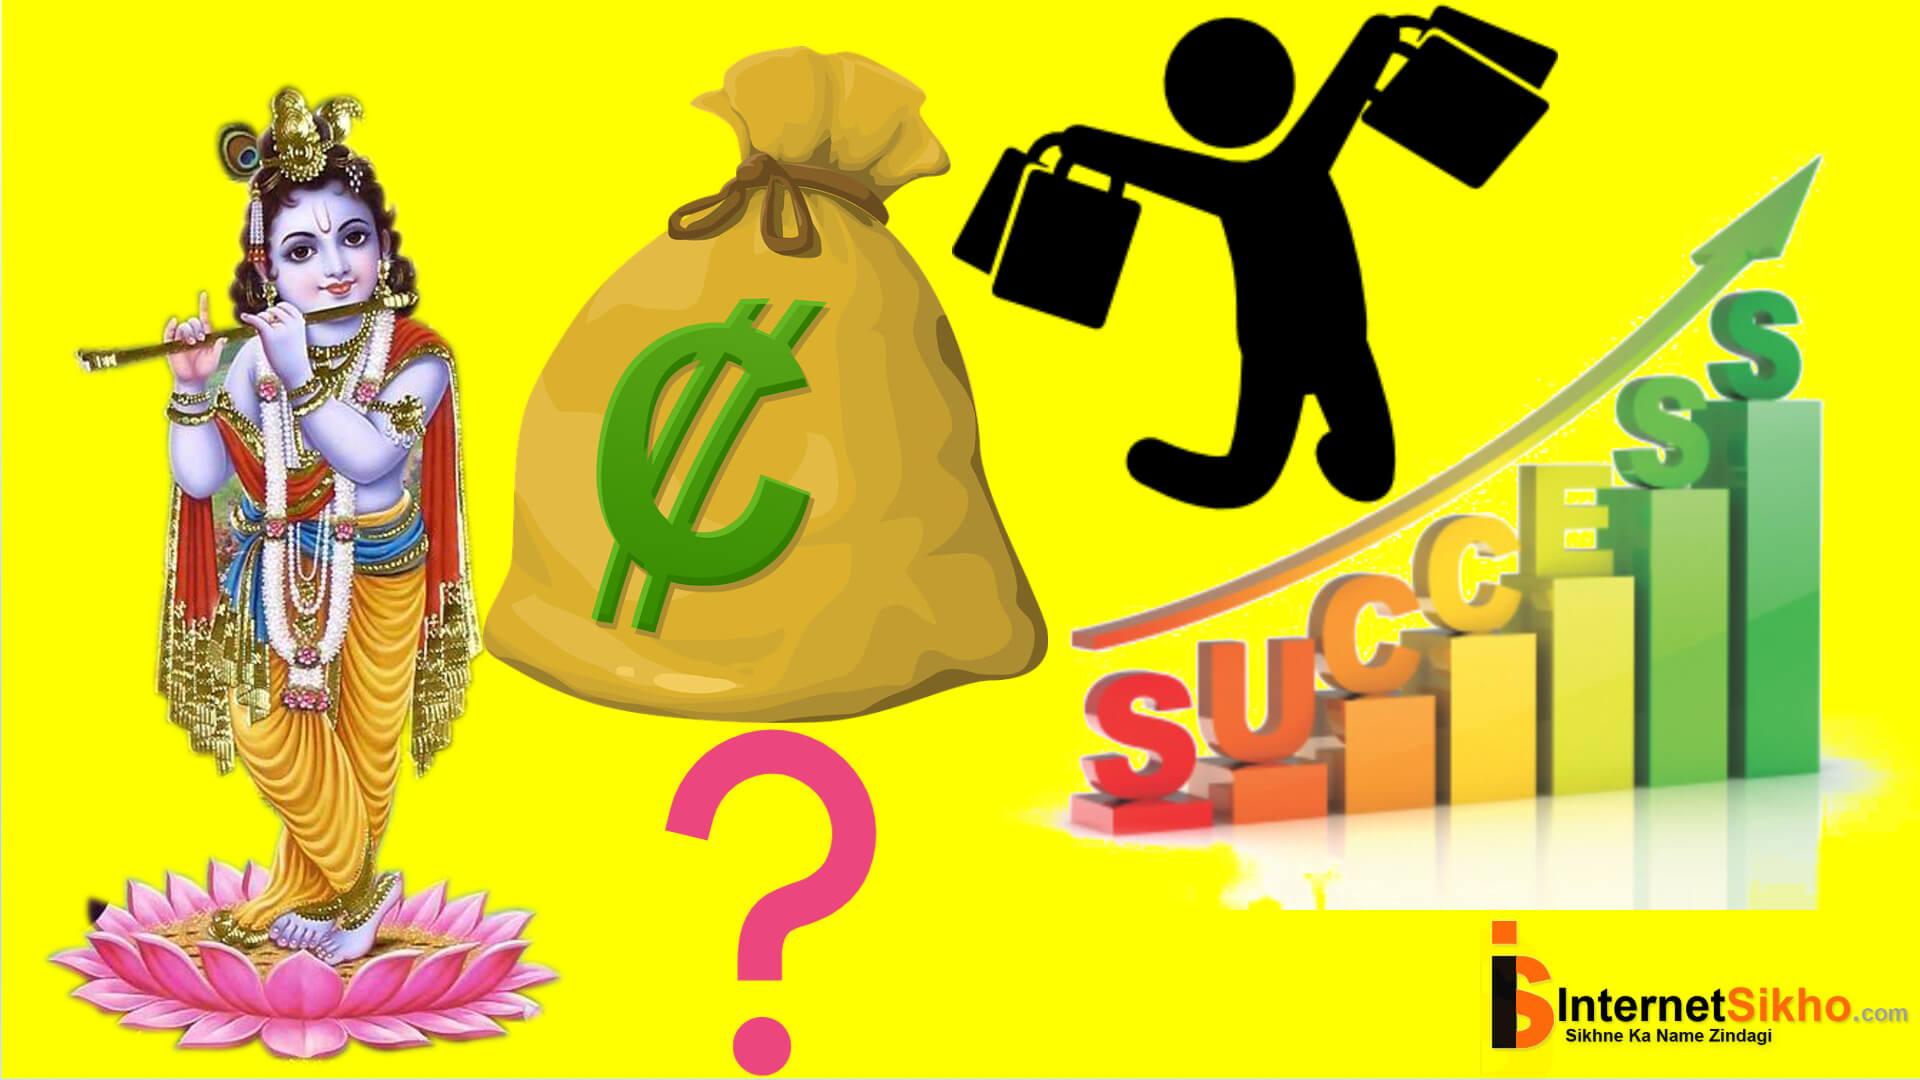 पैसा धन और भगबान इसमें से क्या जरुरी है एक सुखी जीबन बिताने के लिए?